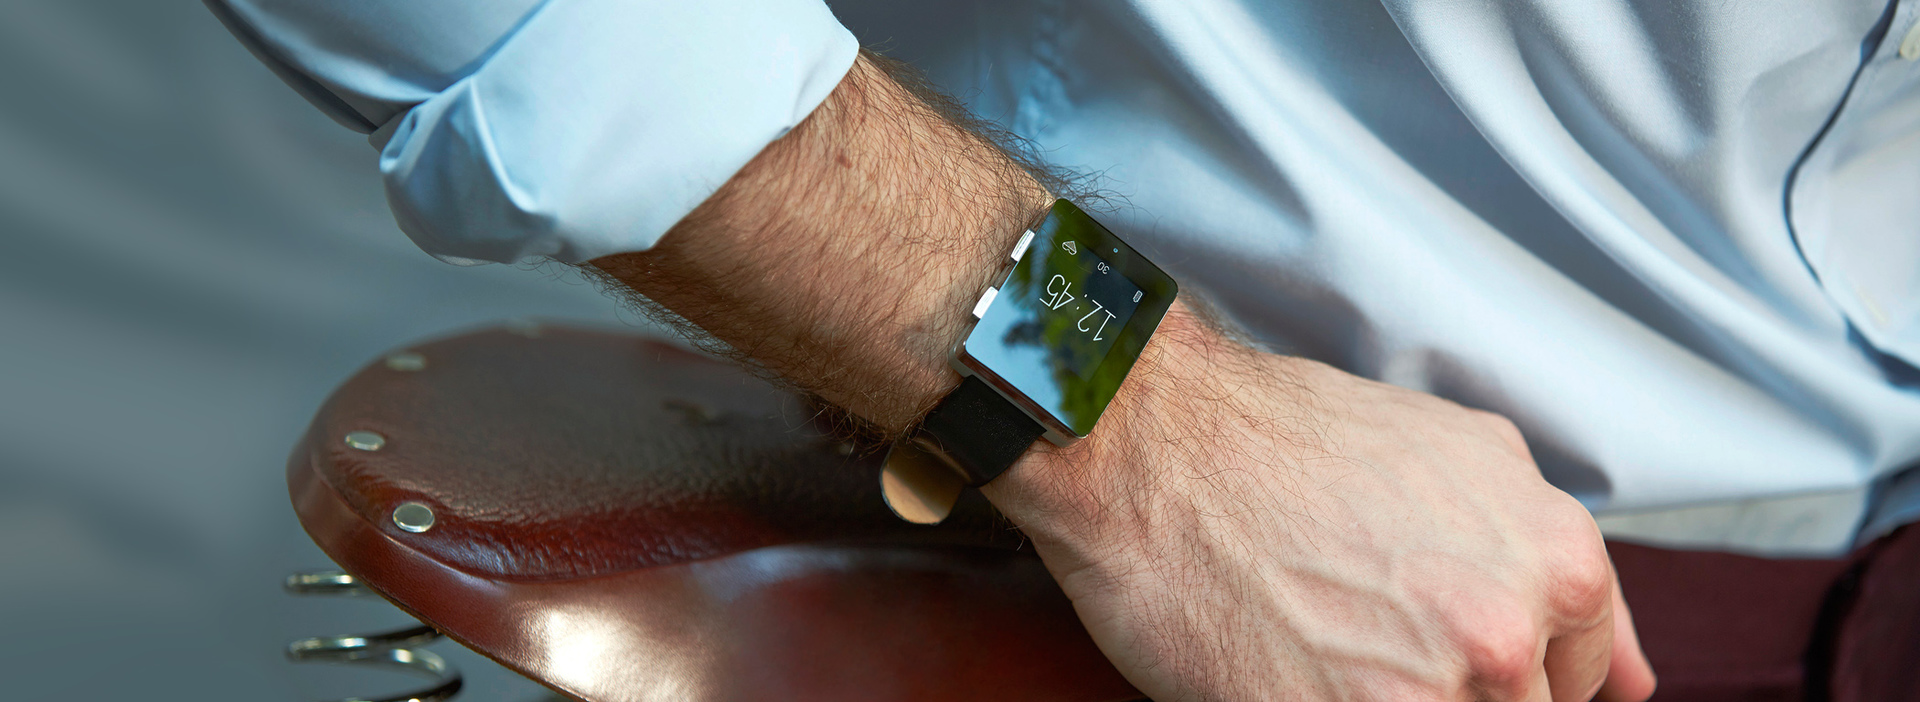 Умные» часы Wellograph: стильный и функциональный девайс для любителей гаджетов и спорта